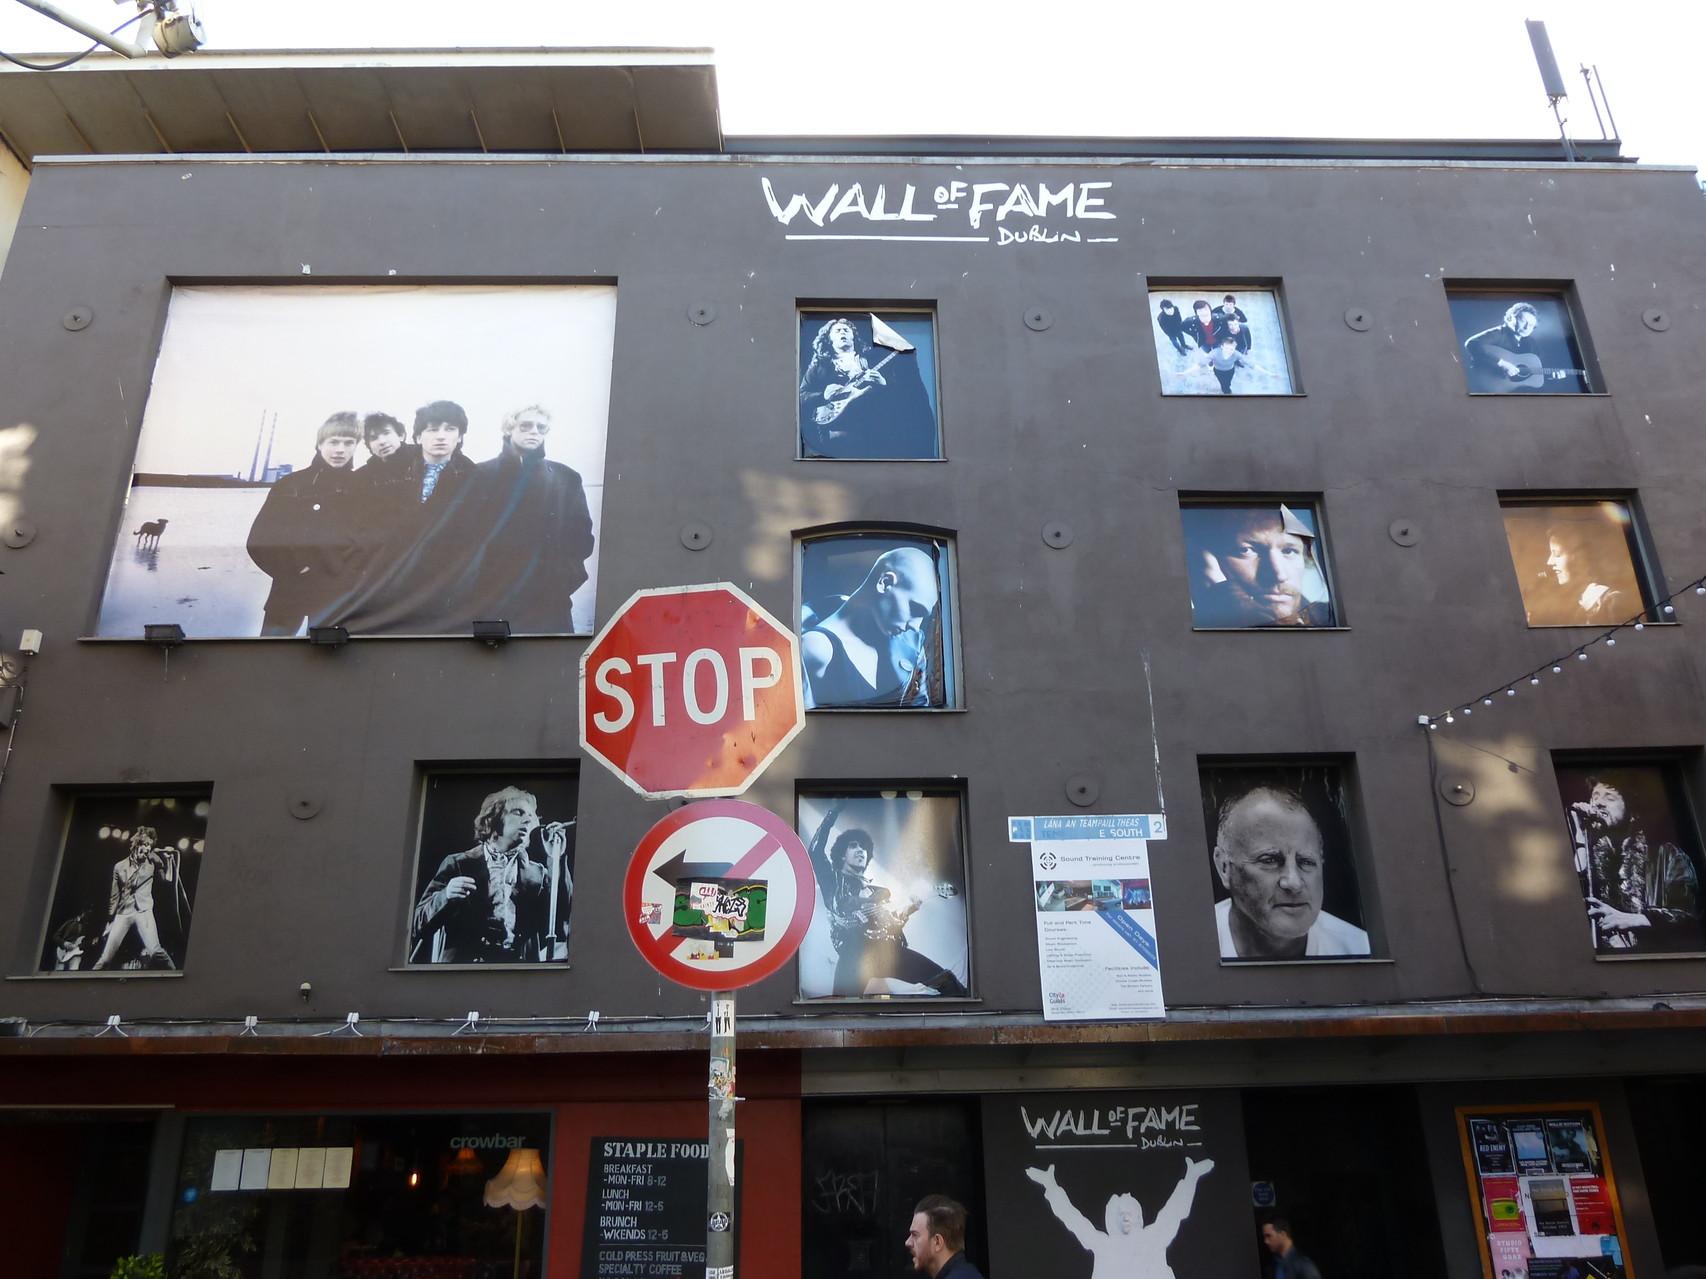 Irlands Berühmtheiten (u.a. U2, Dubliners, Sinhead O'Connor)